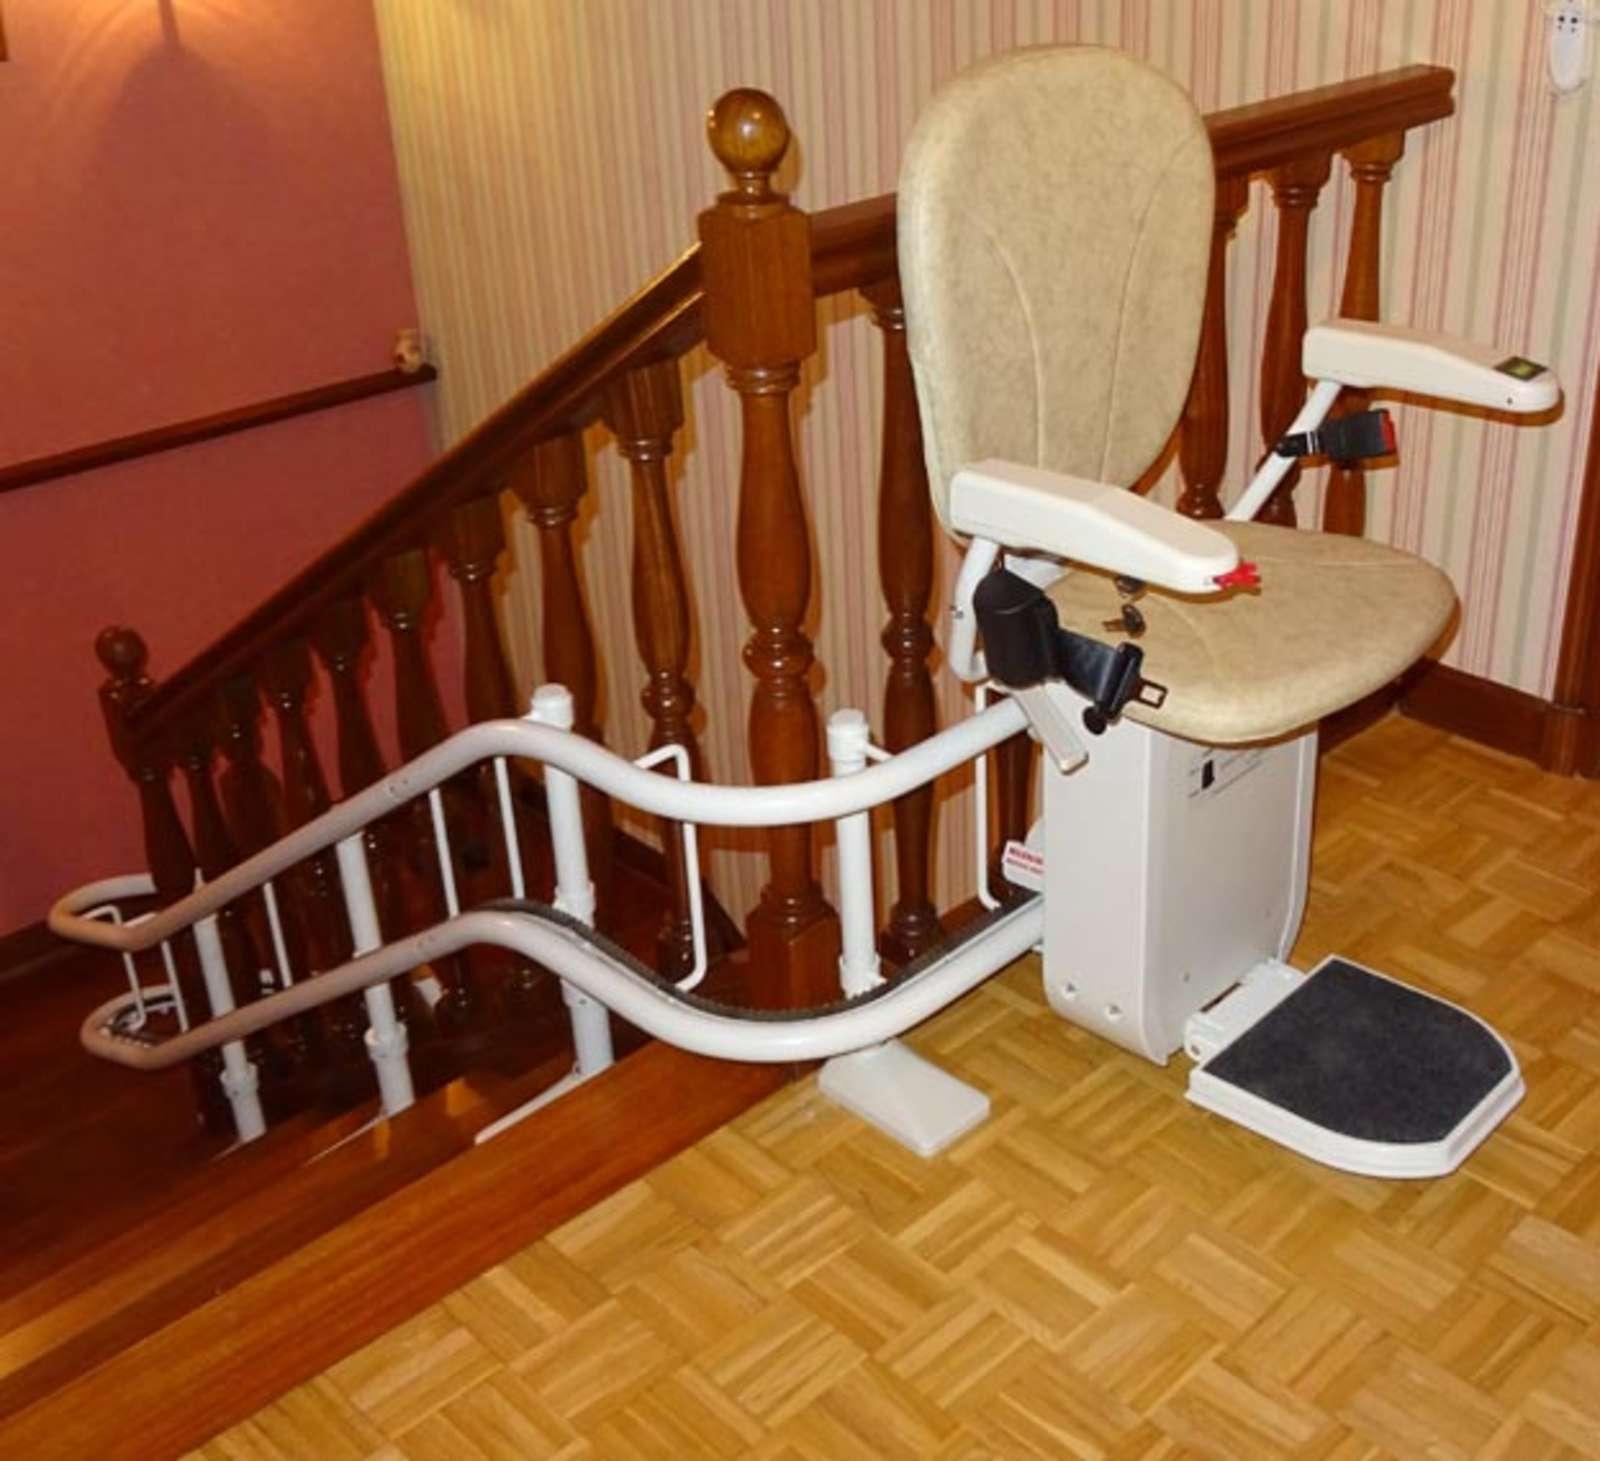 fauteuil monte escalier tournant sur 3 tages en int rieur guilherand granges 07500. Black Bedroom Furniture Sets. Home Design Ideas